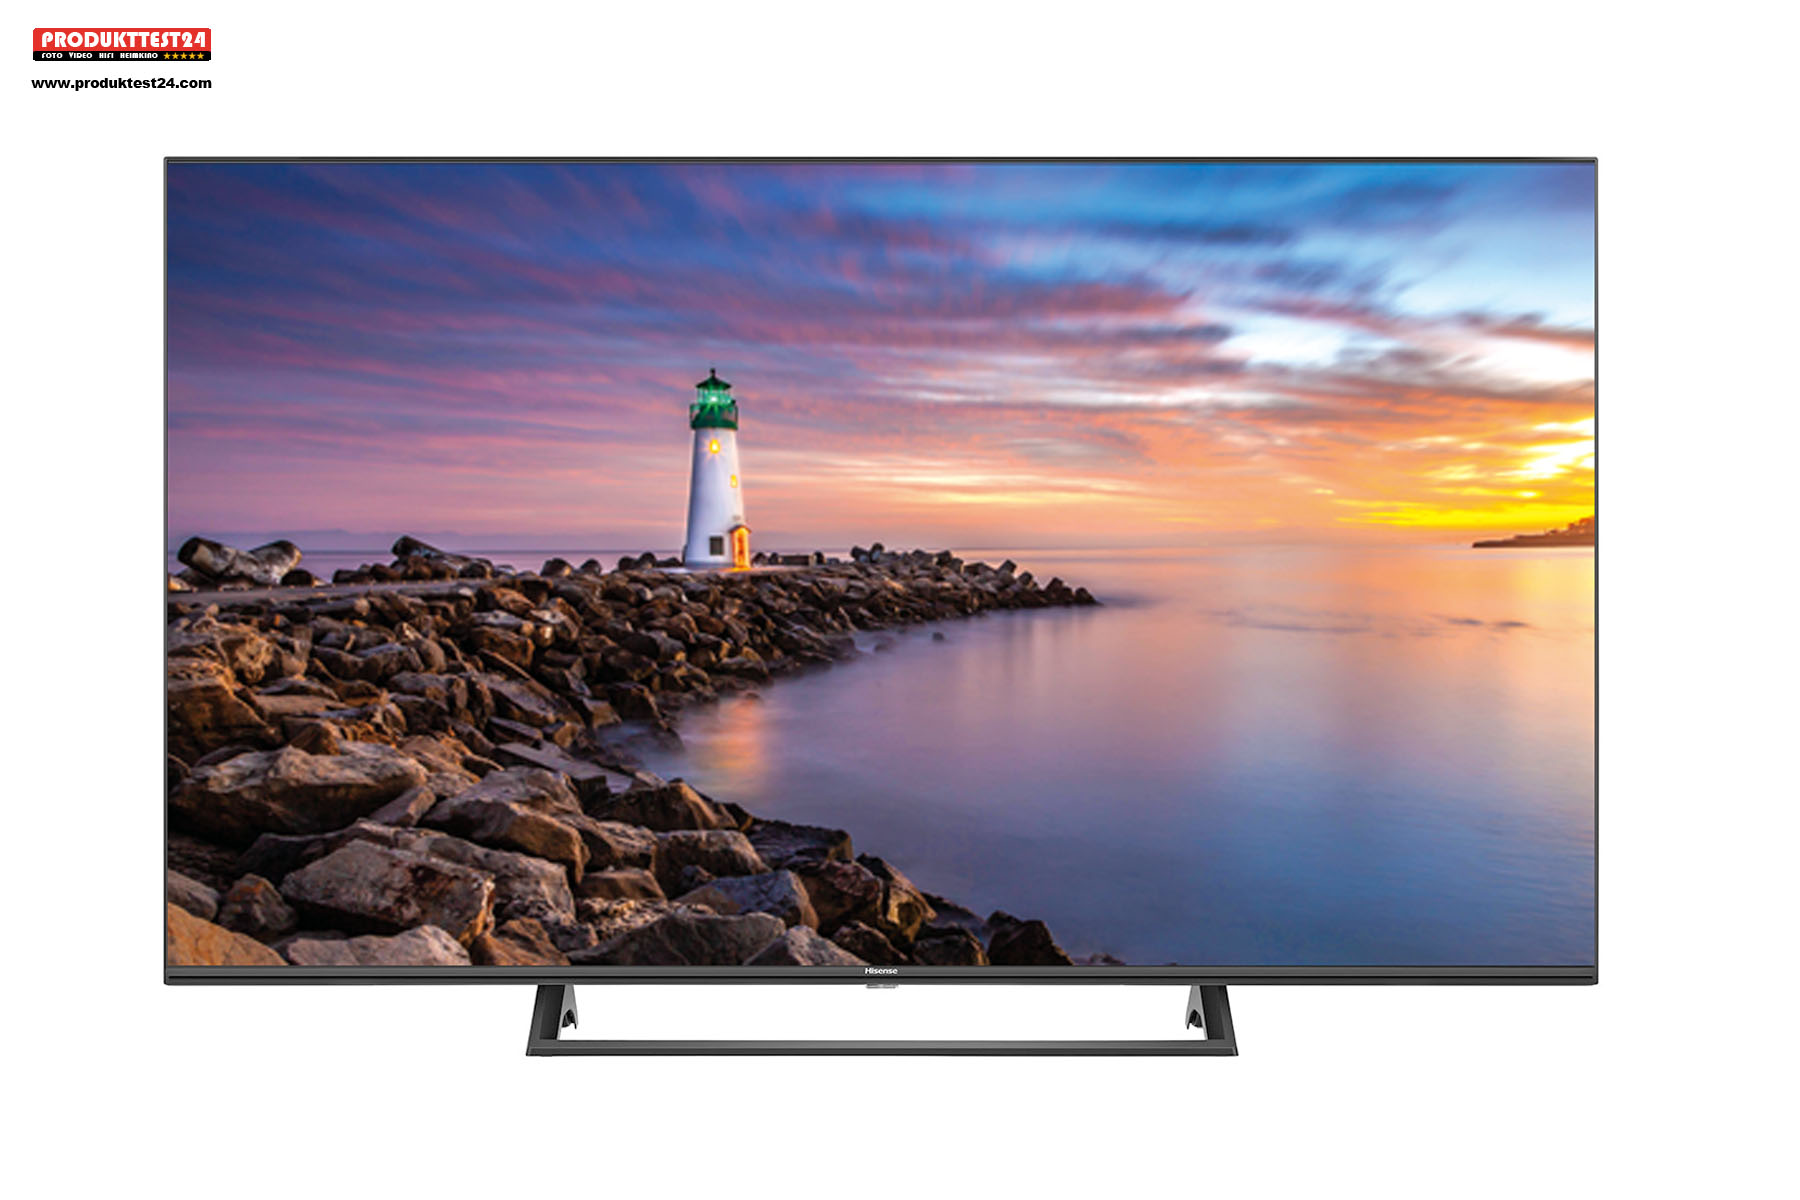 Einer der günstigsten 65 Zoll Fernseher